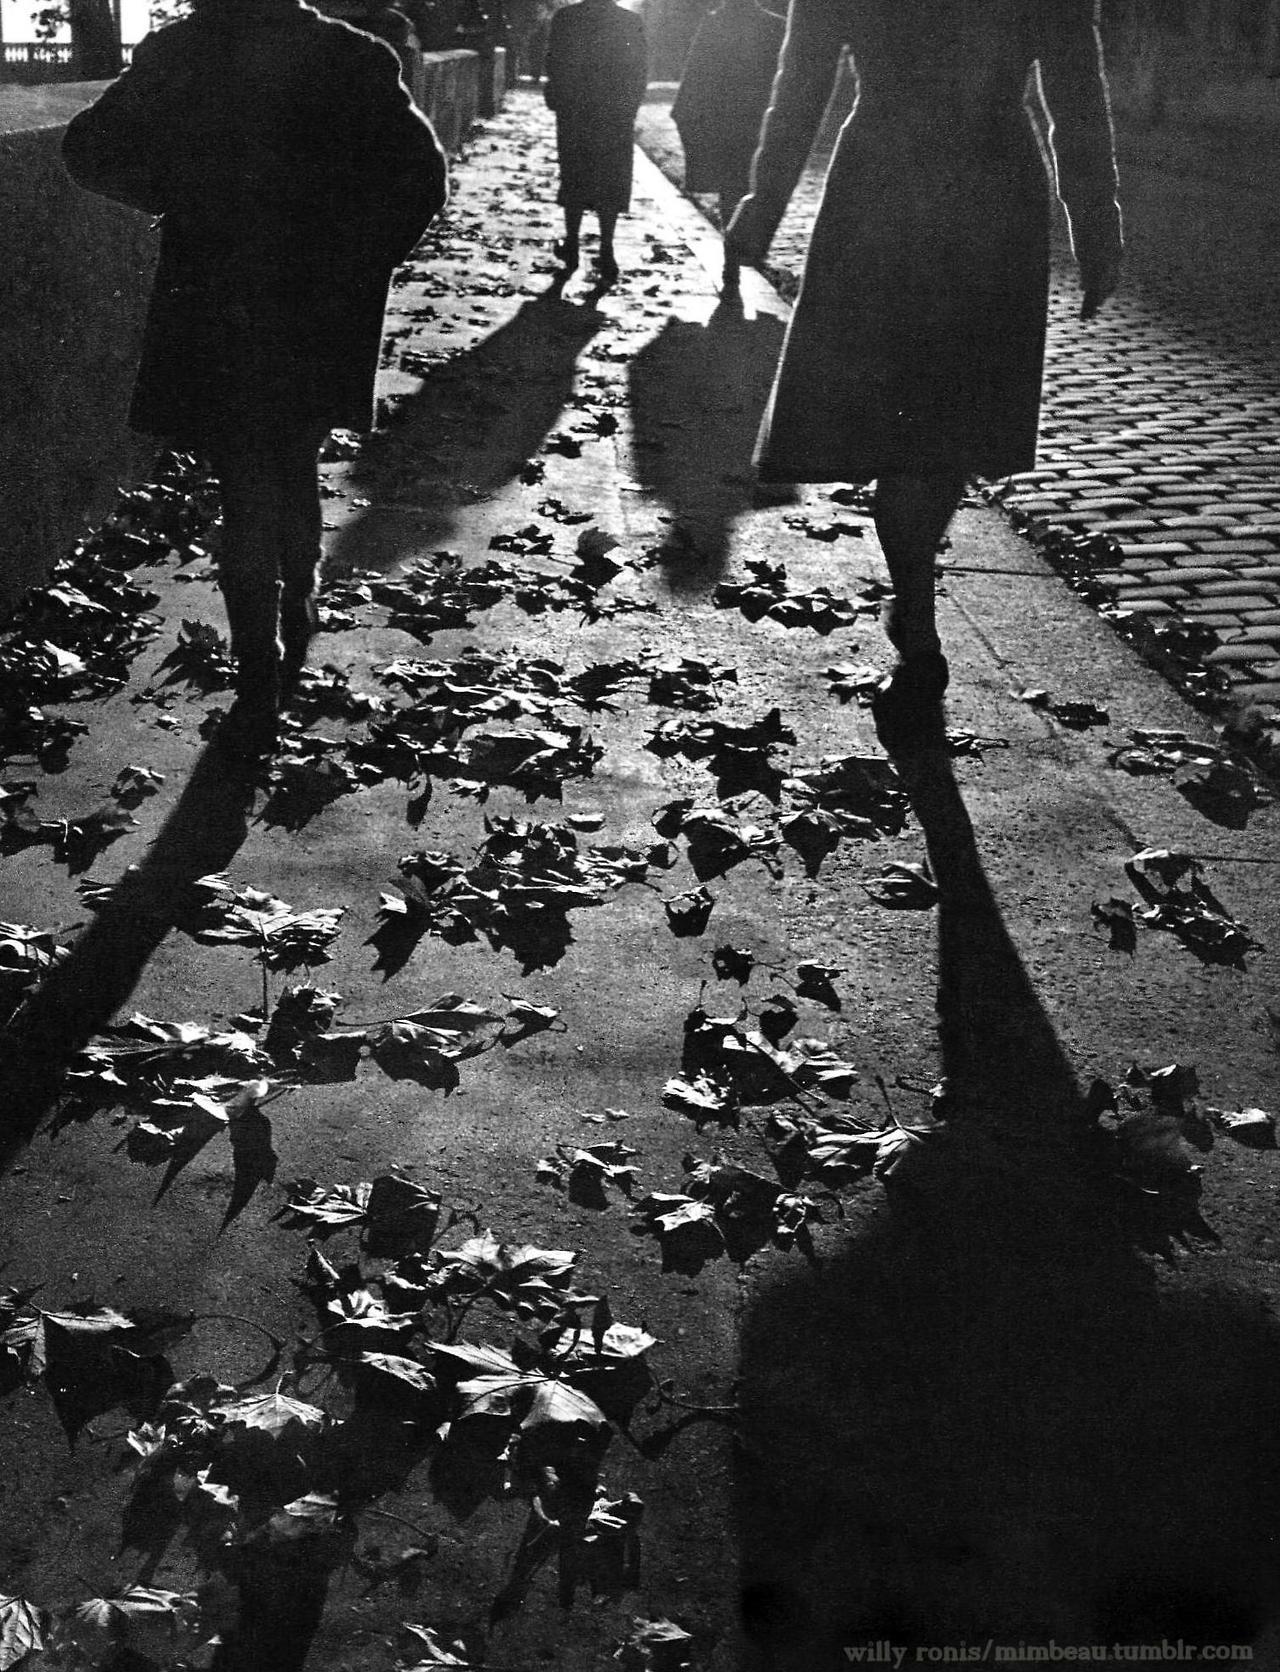 1950. Тротуары в осеннем Париже